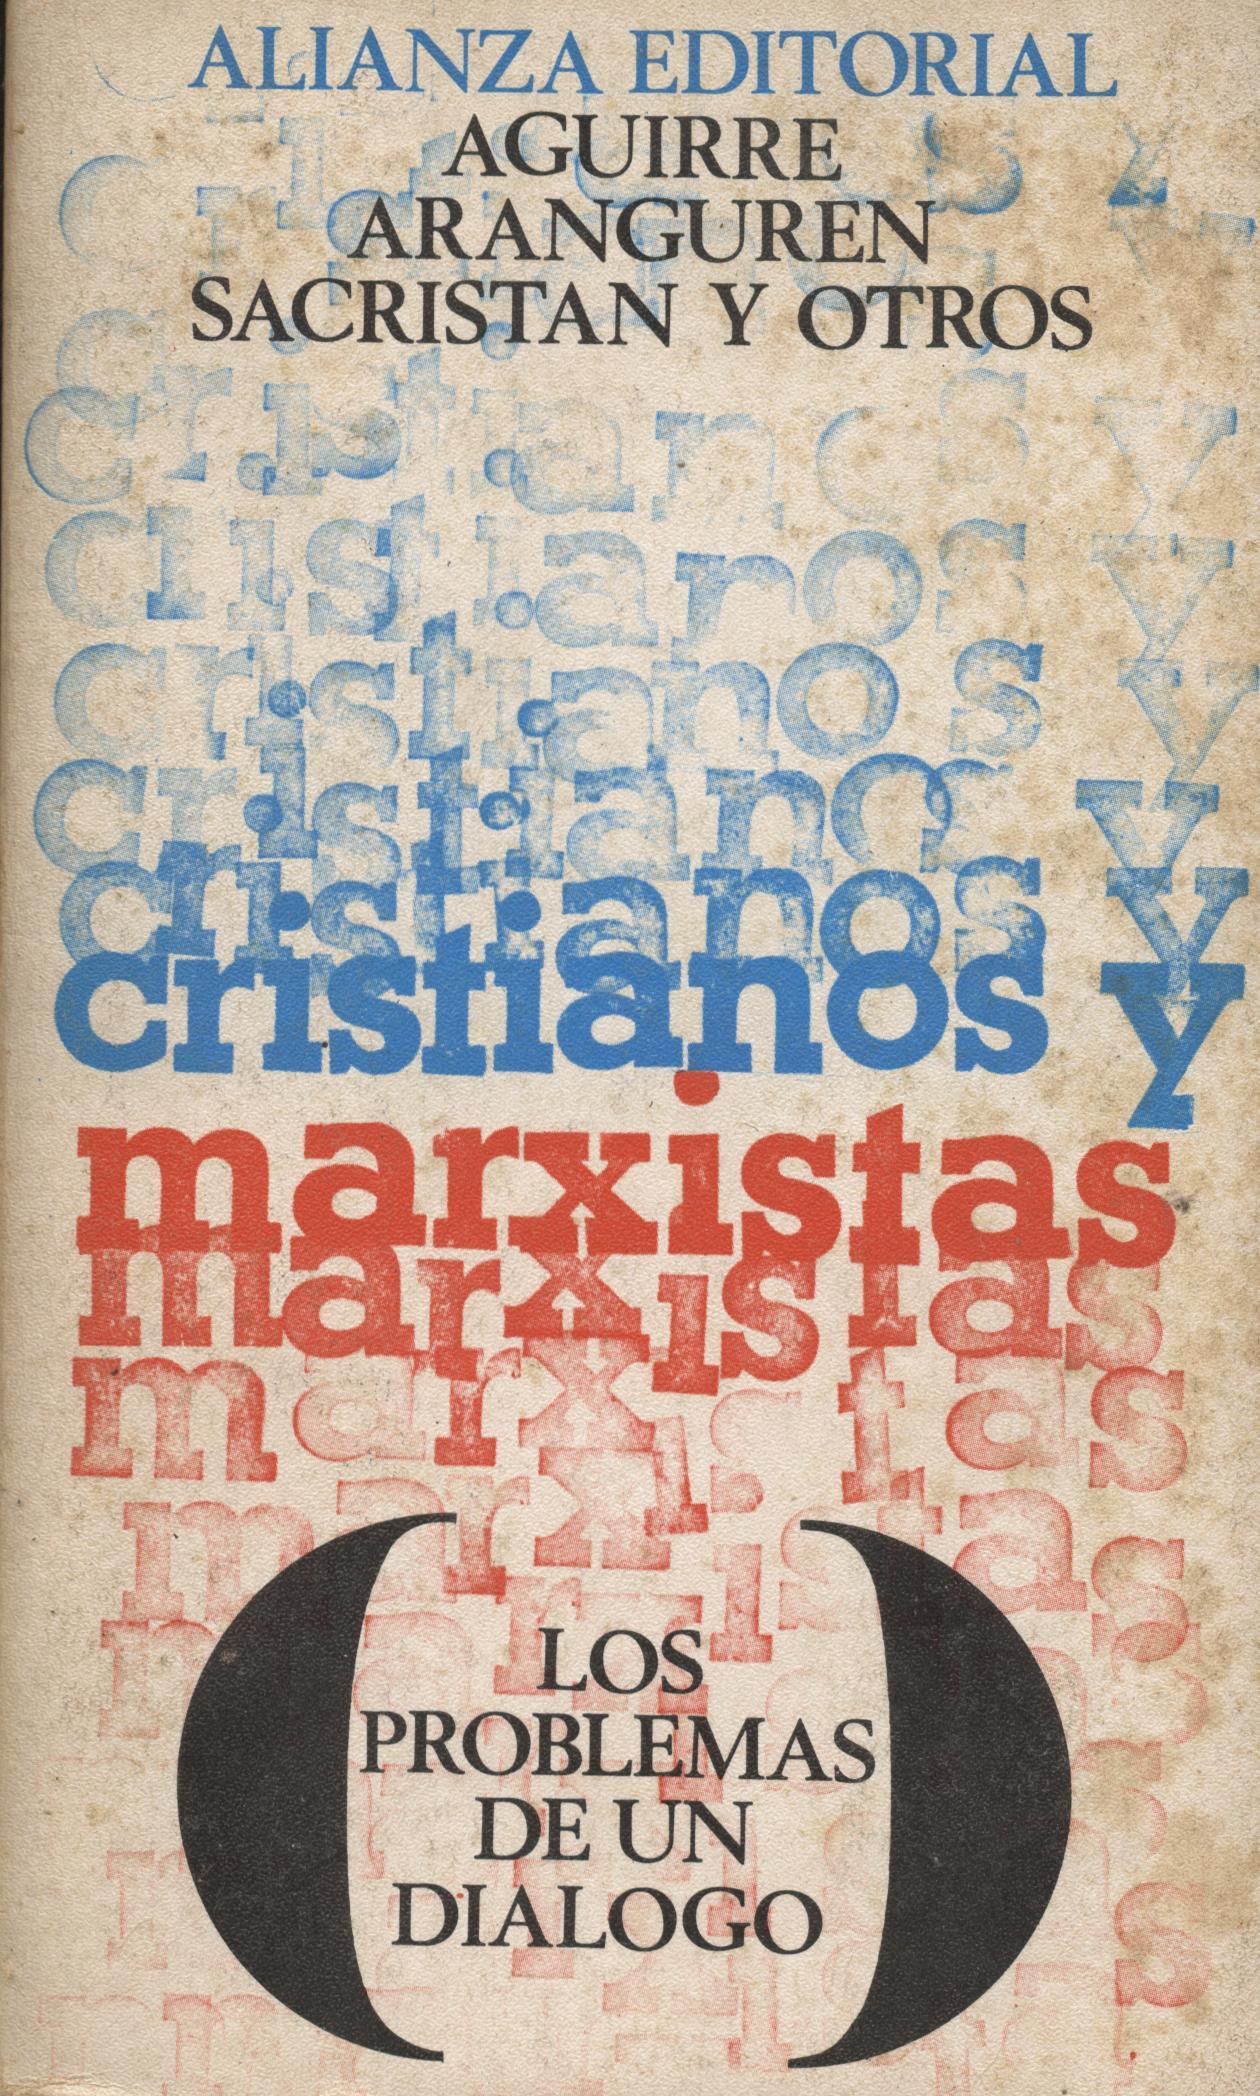 Cristianos y marxistas. Los problemas de un diálogo - Aguirre, Aranguren